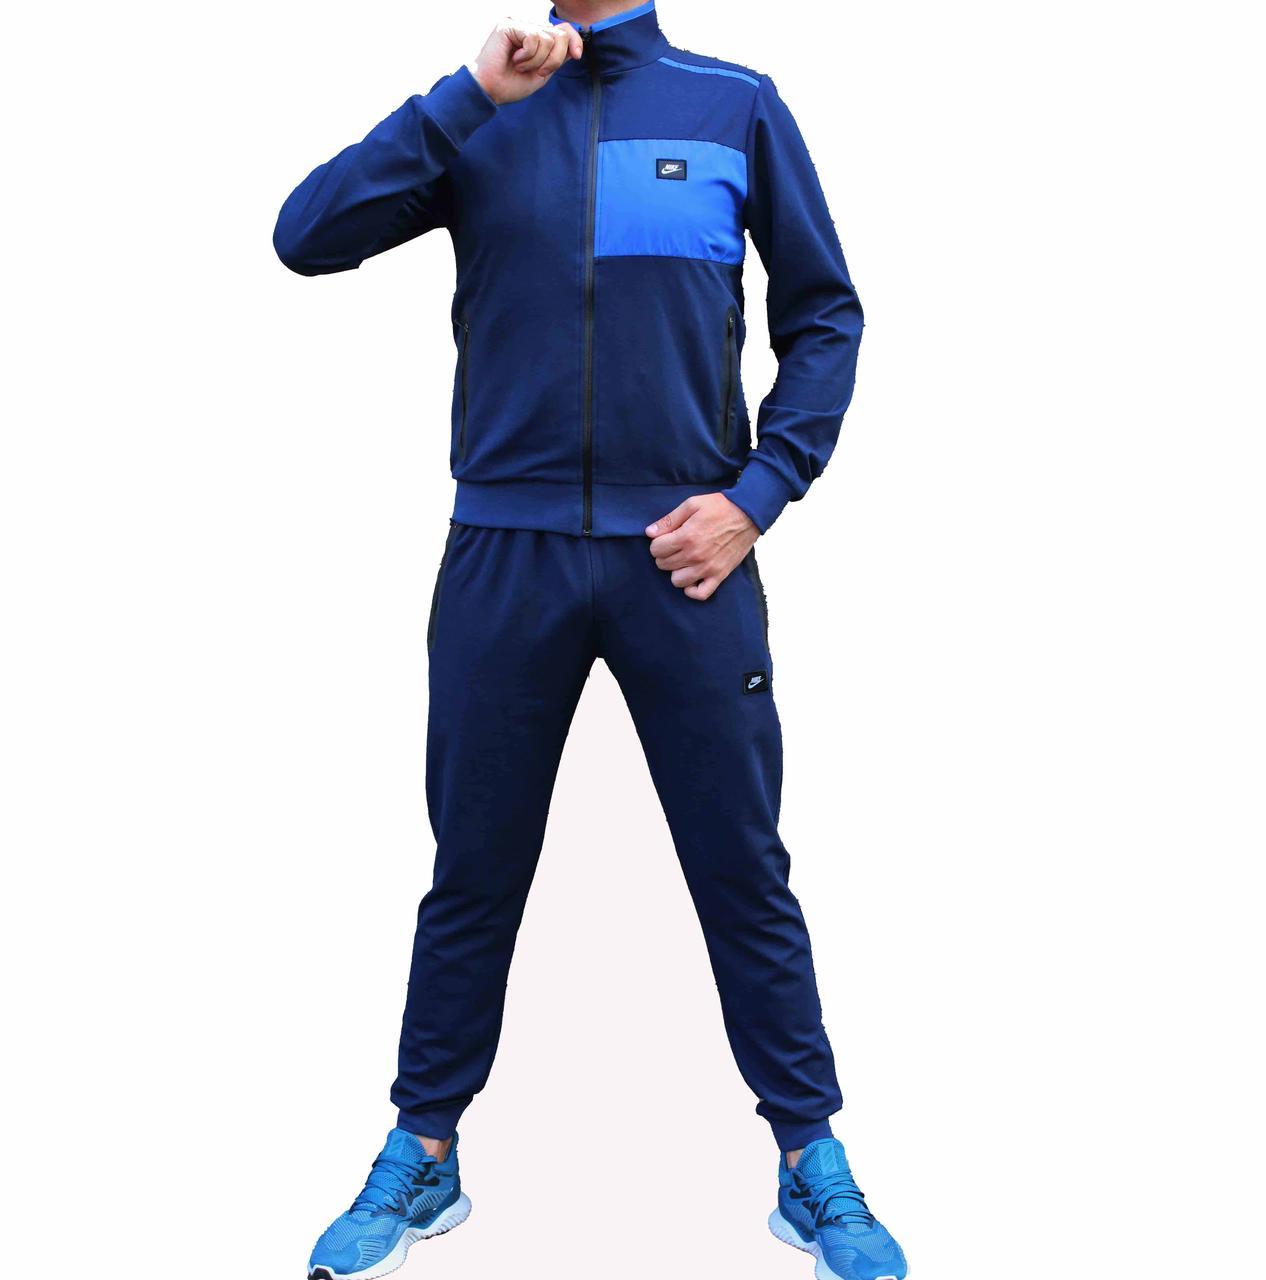 Синий мужской трикотажный спортивный костюм с штанами на резинках 52 размера (Реплика)